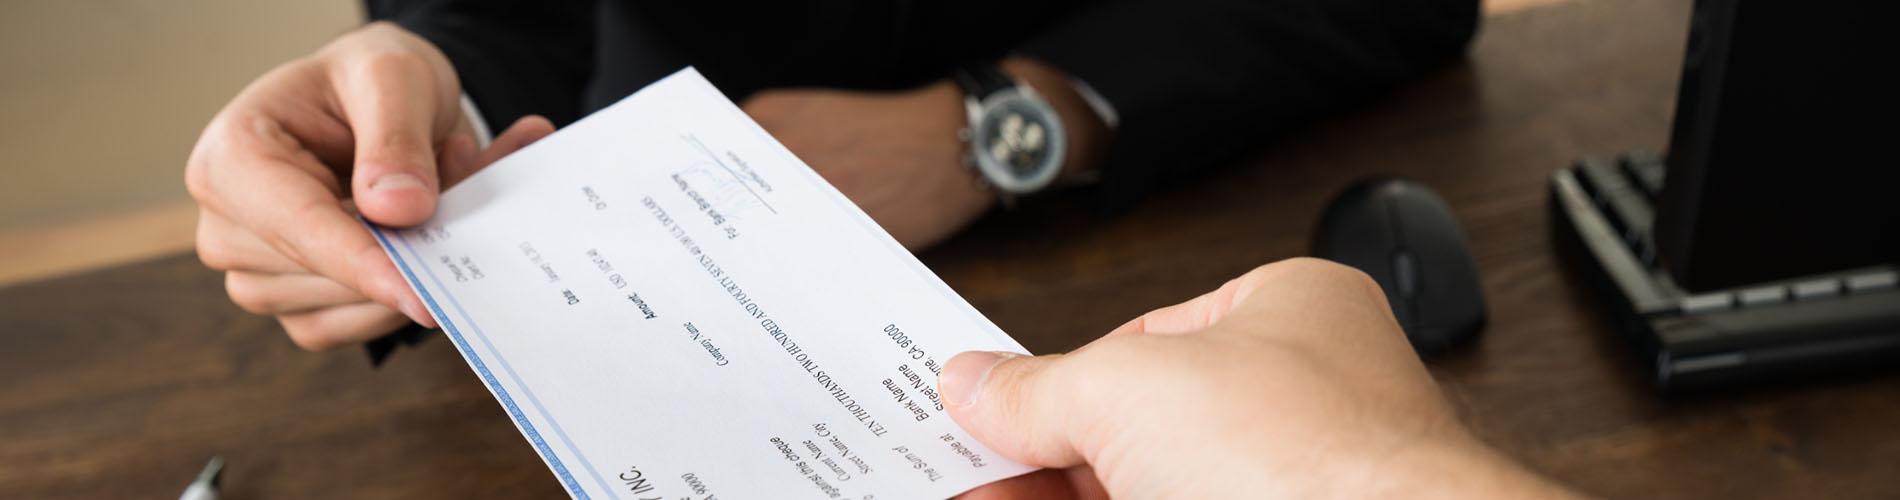 Unas manos muestran un cheque bancario